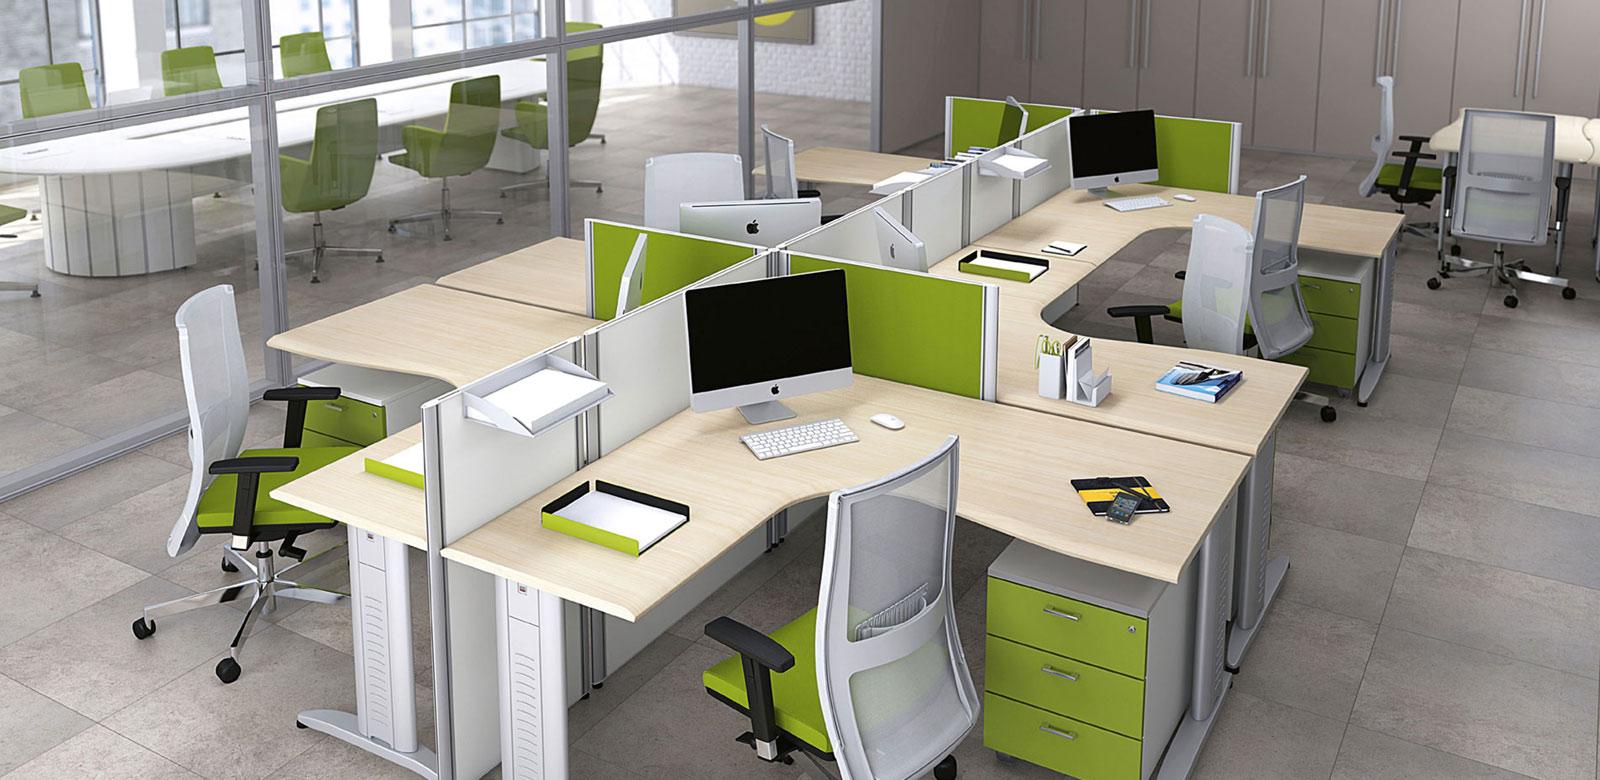 Arredo ufficio arredamento e mobili per ufficio su misura for Arredo ufficio